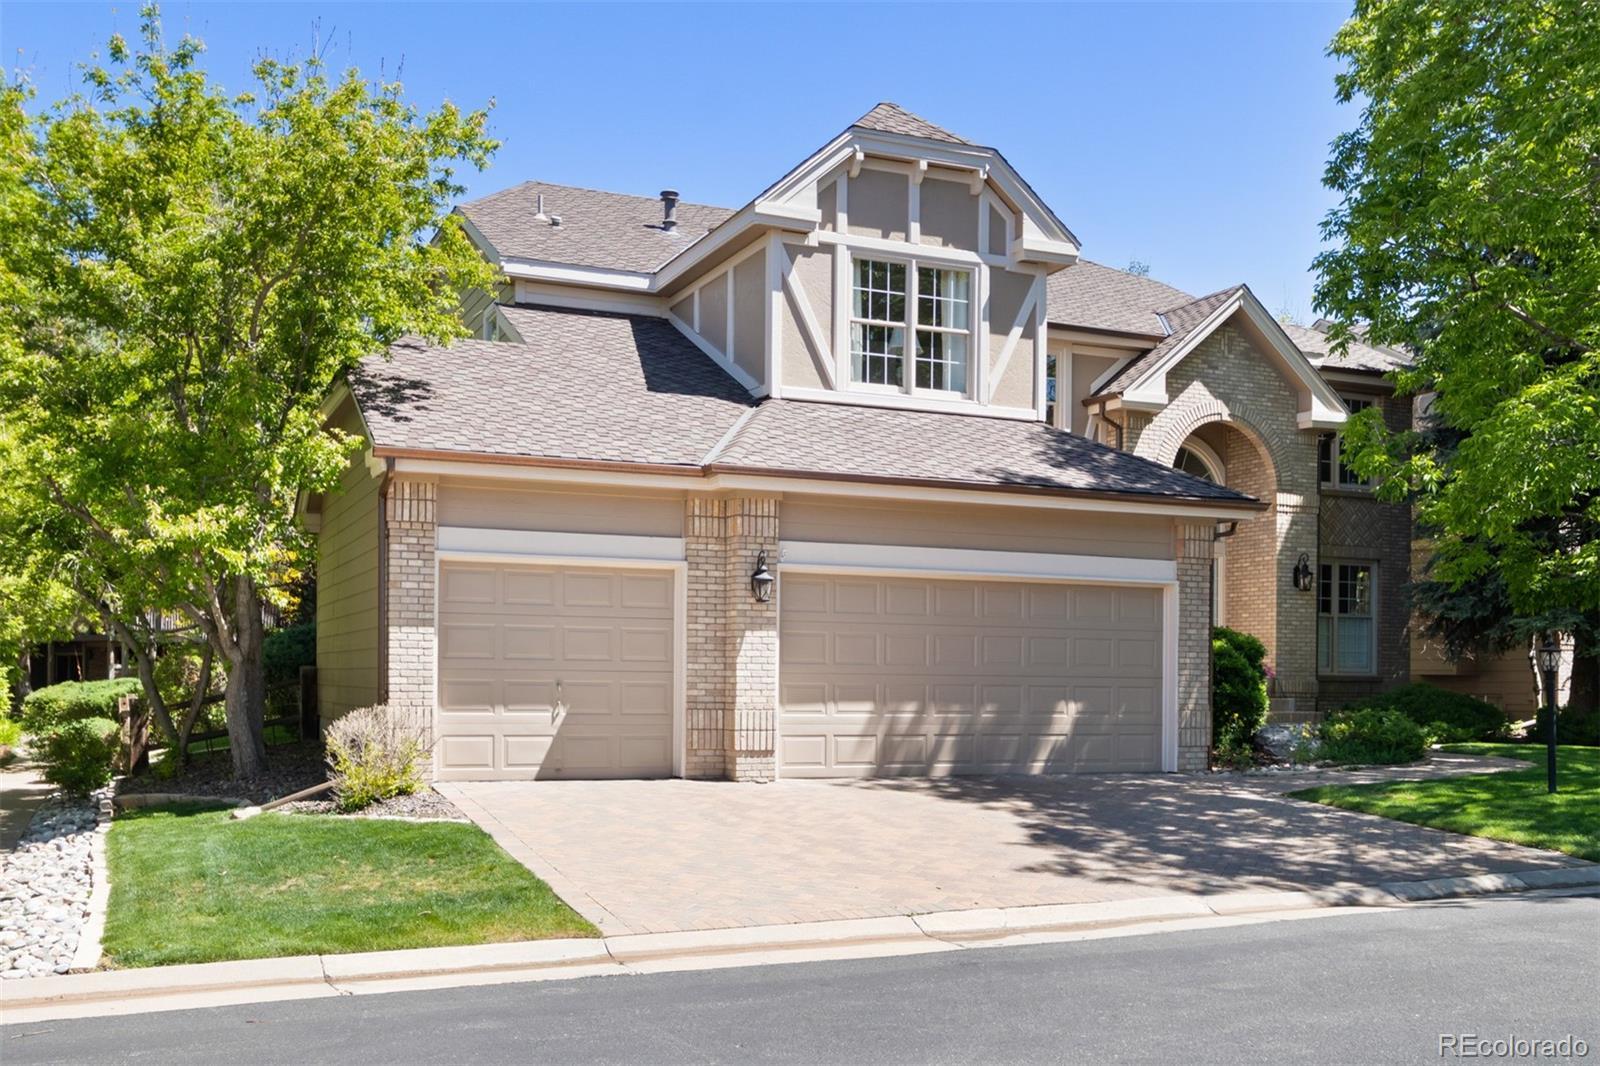 4735 E Pinewood Circle, Centennial, CO 80121 - Centennial, CO real estate listing